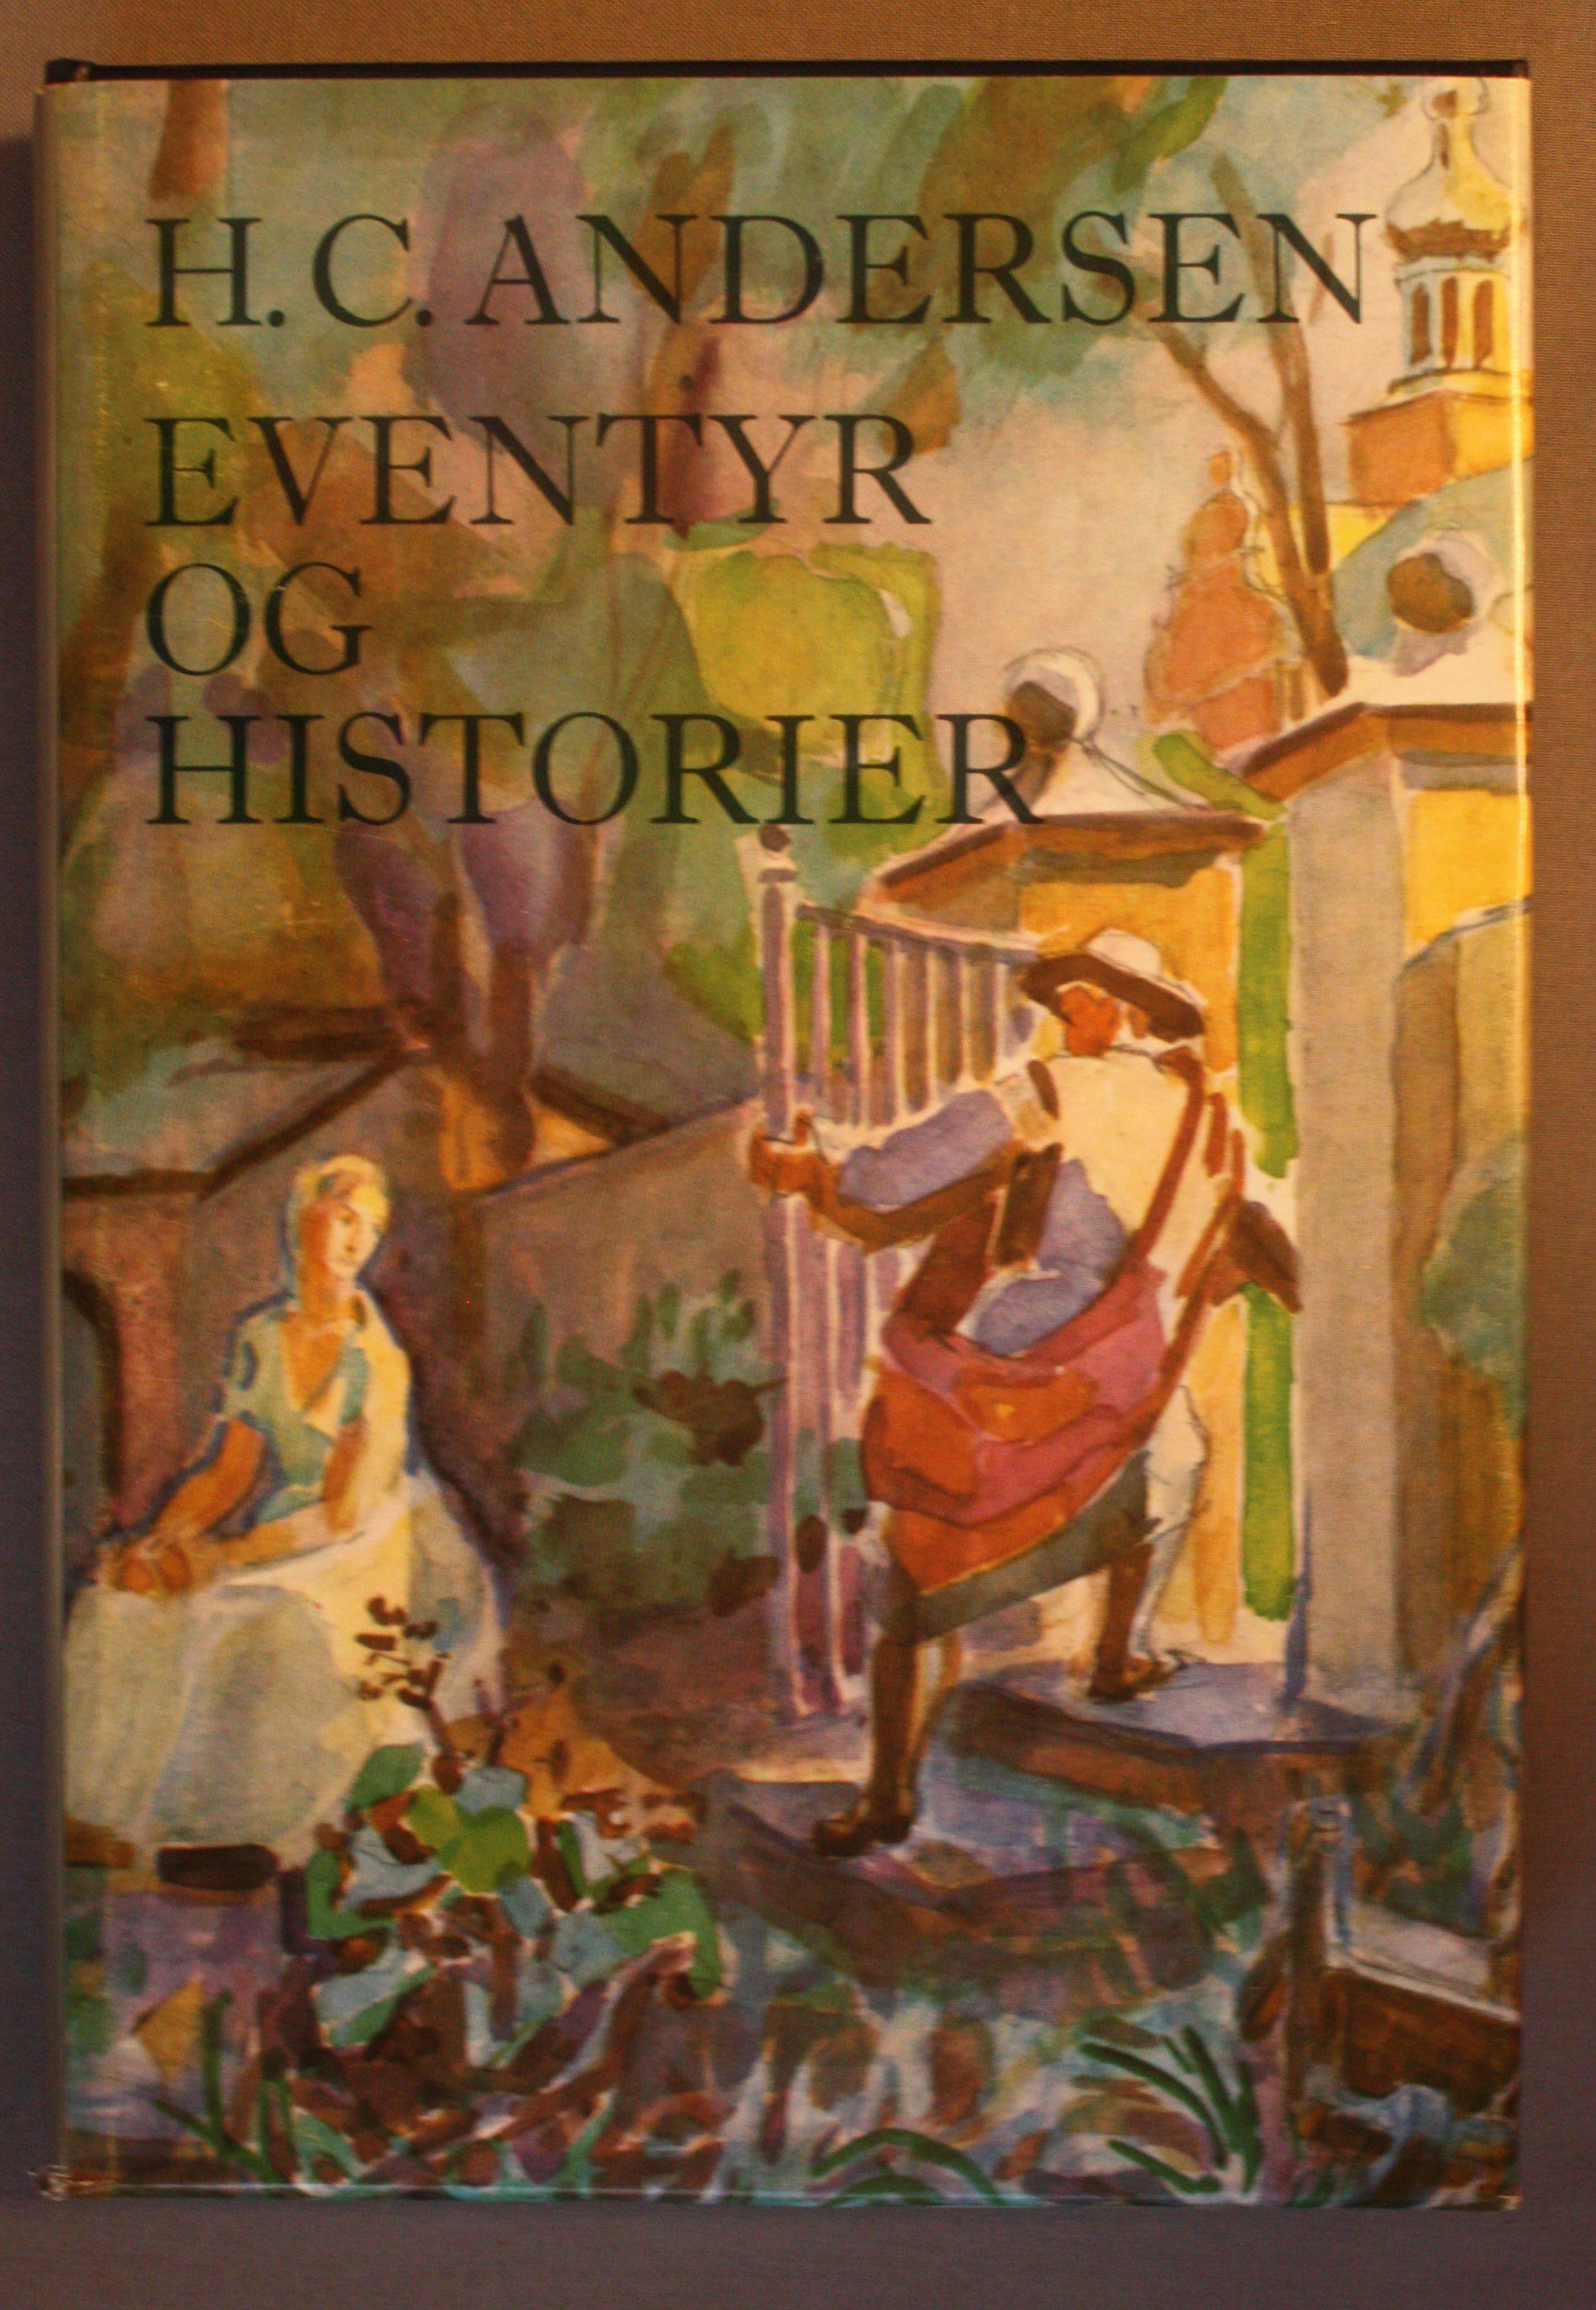 hc andersen eventyr og historier